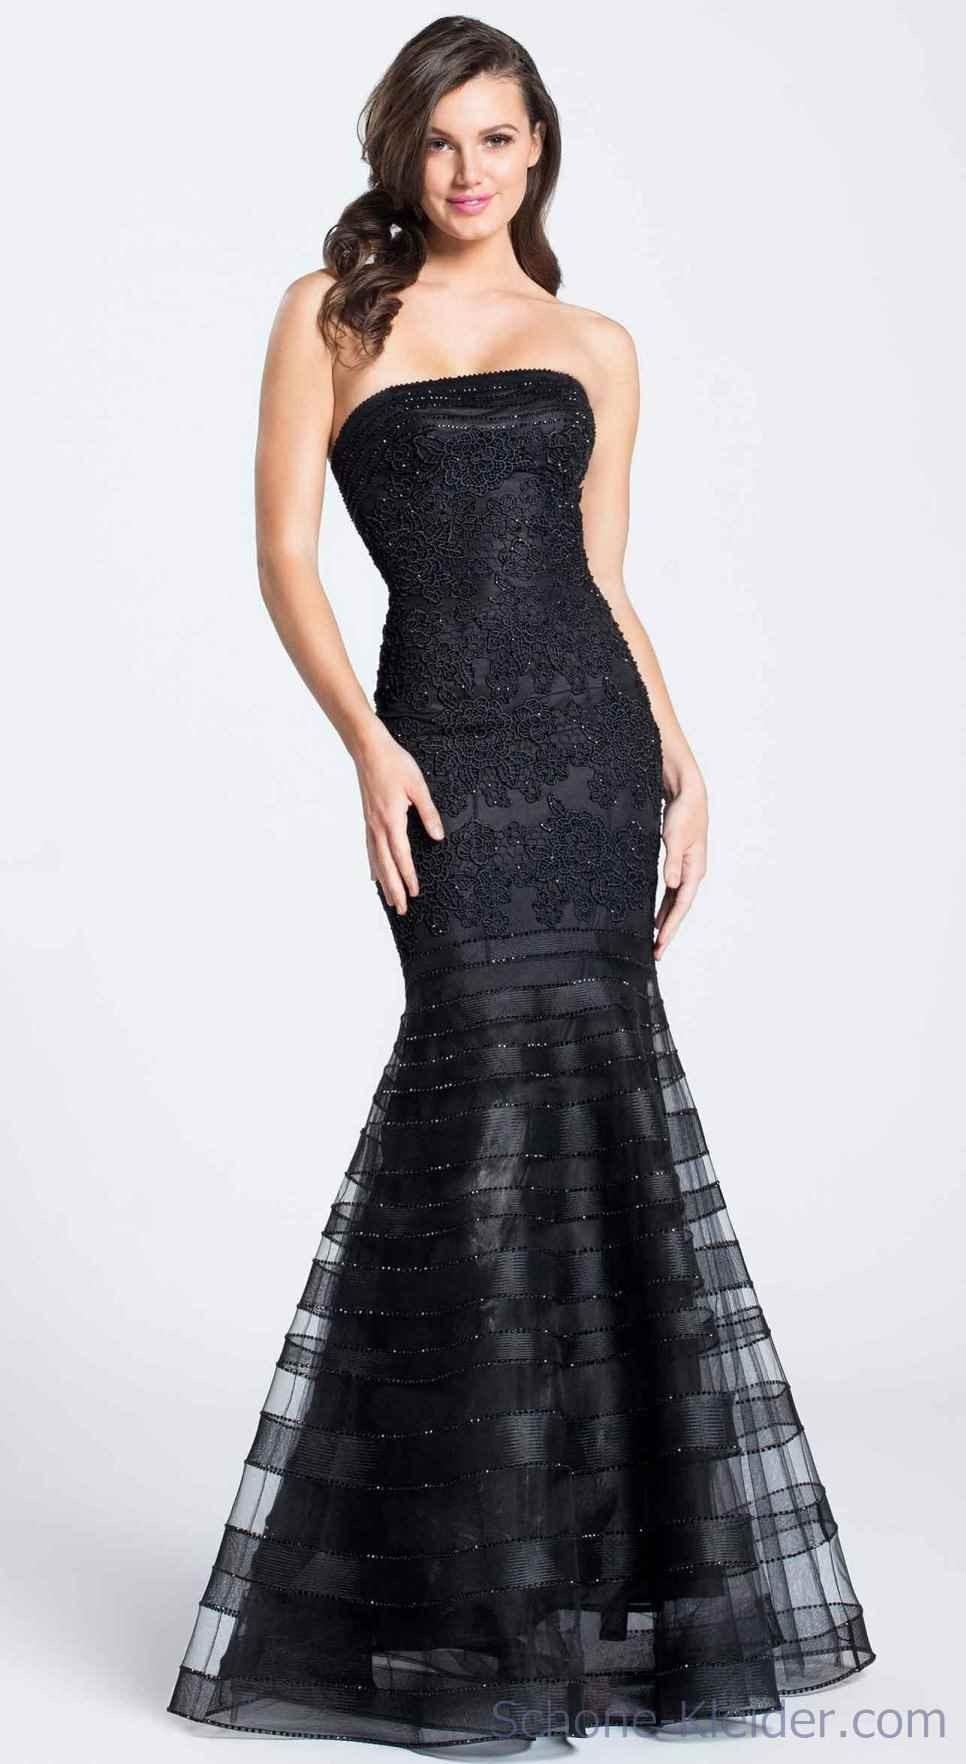 Abend Fantastisch Abendkleid Schwarz Lang Spitze StylishDesigner Genial Abendkleid Schwarz Lang Spitze Design